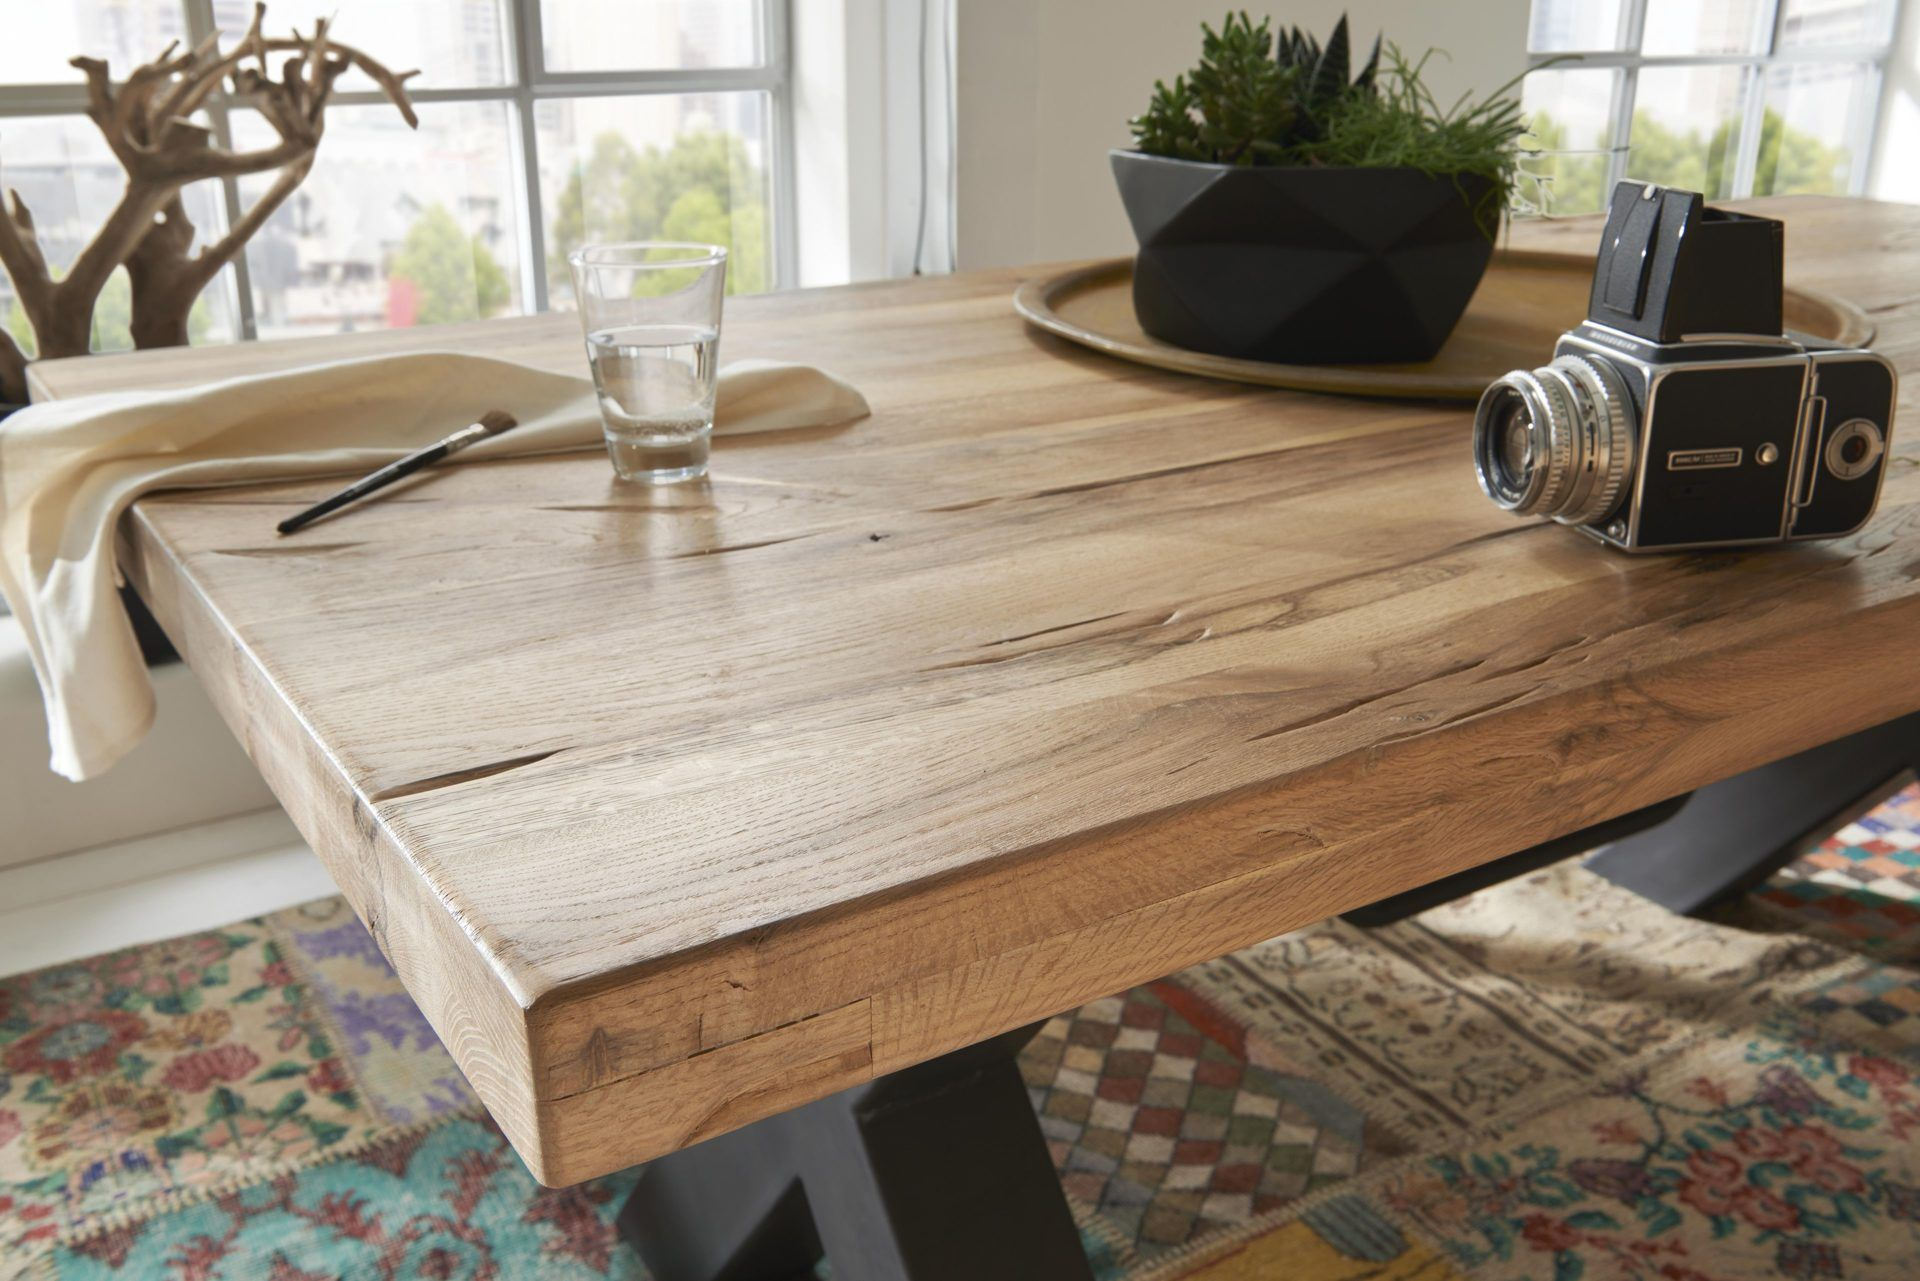 Woods Trends Massivholztisch Vintage Dining Bwz Wohnzimmertisch